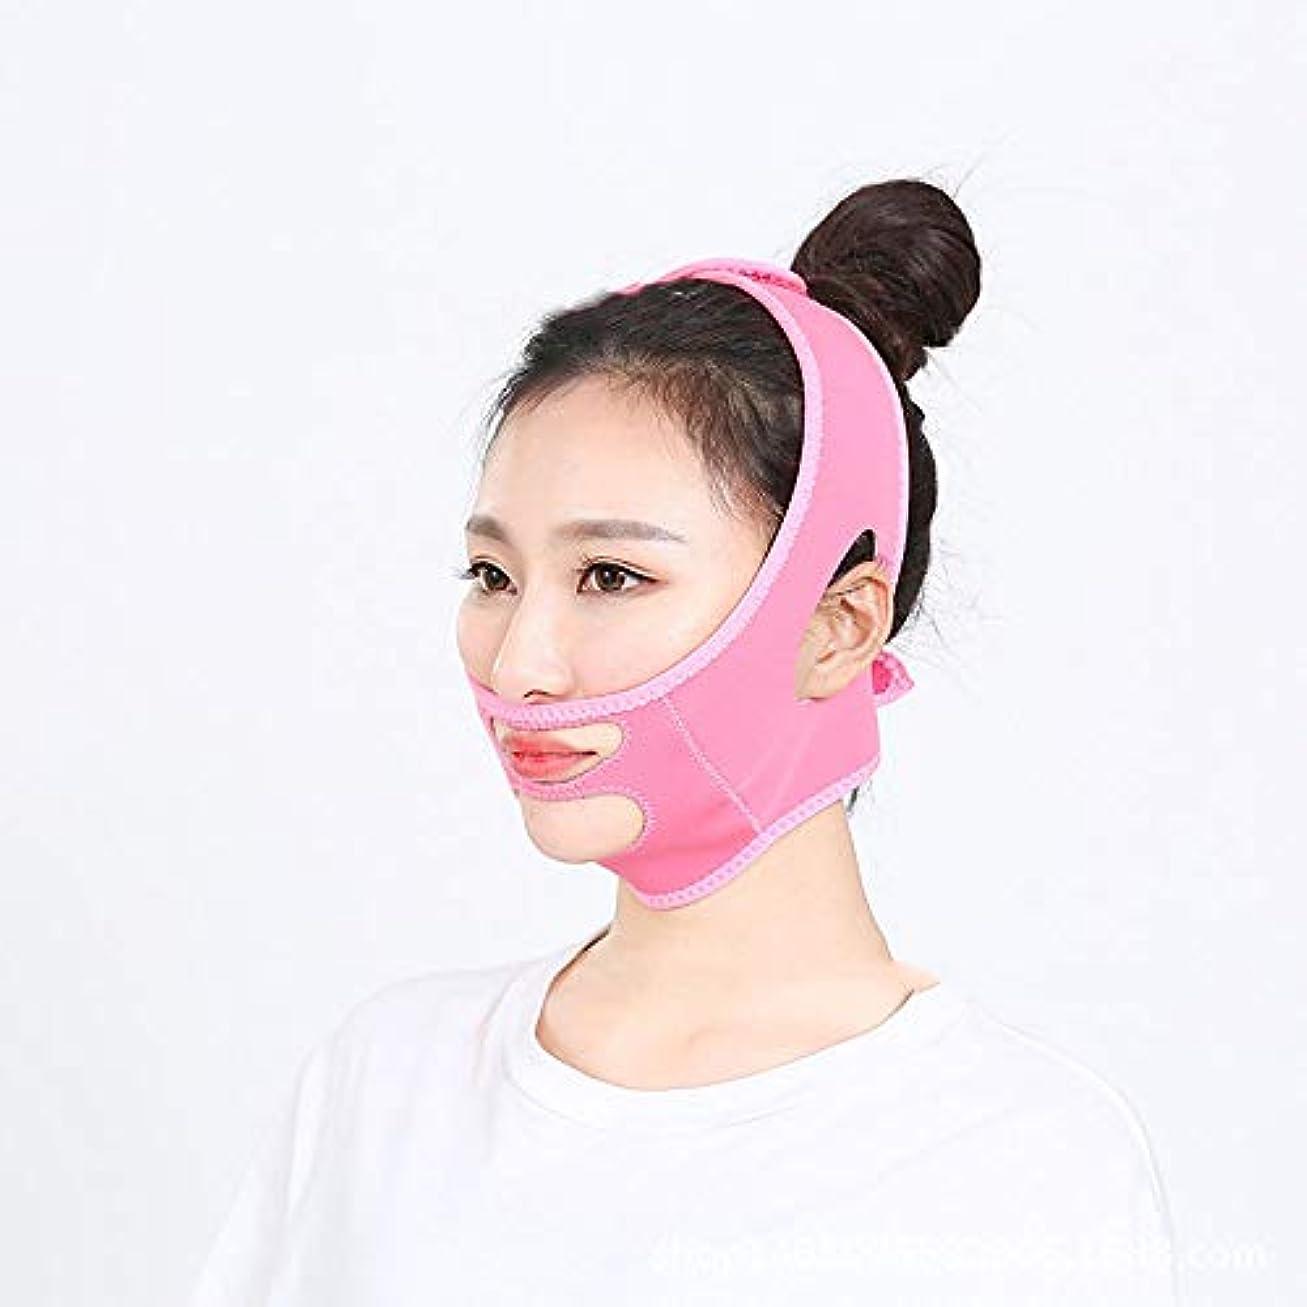 ドリンク繊維戸口フェイスリフトマスク包帯、フェイスリフティングアーティファクト/vフェイススリープマスク/フェイスリフト補正メロンフェイスシェイパー(ブルー/パープル/ピンク),Pink